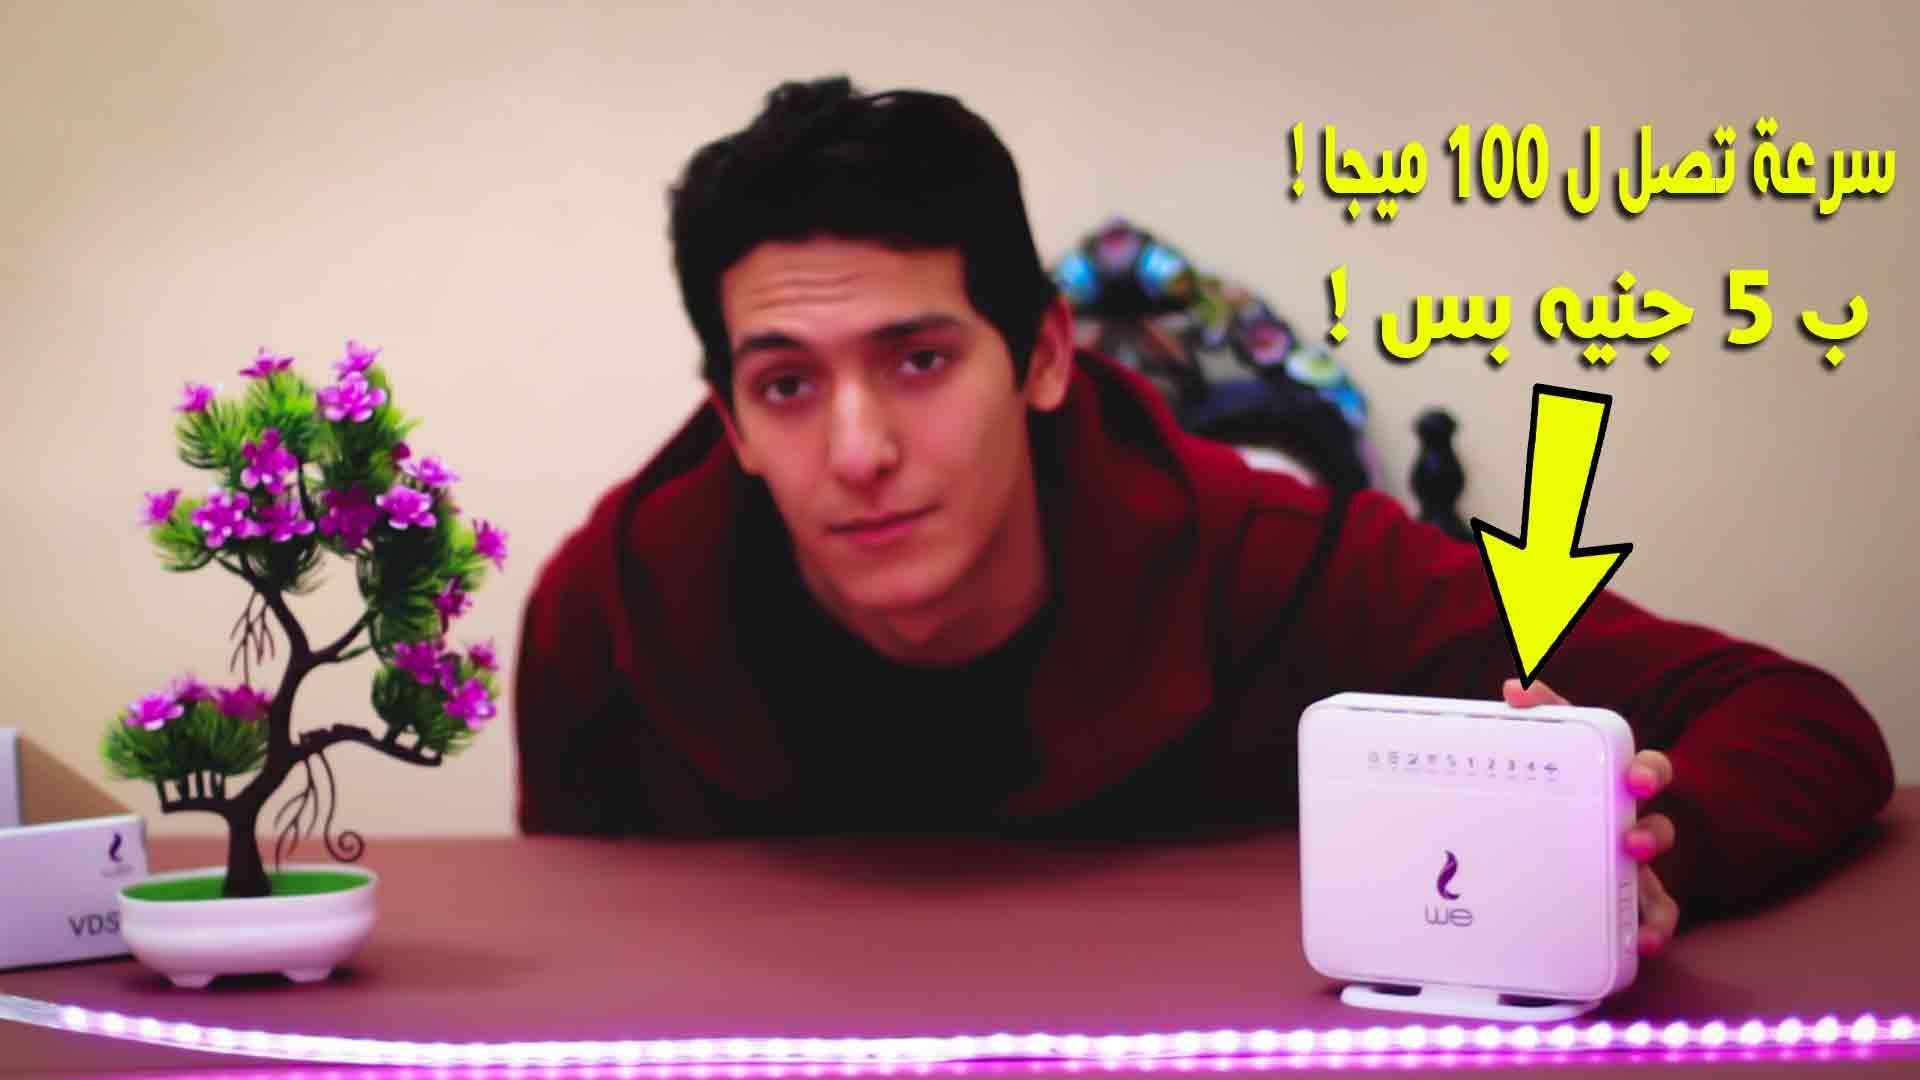 راوتر السرعه الفائقه من we ب 5 جنيه فقط !!!